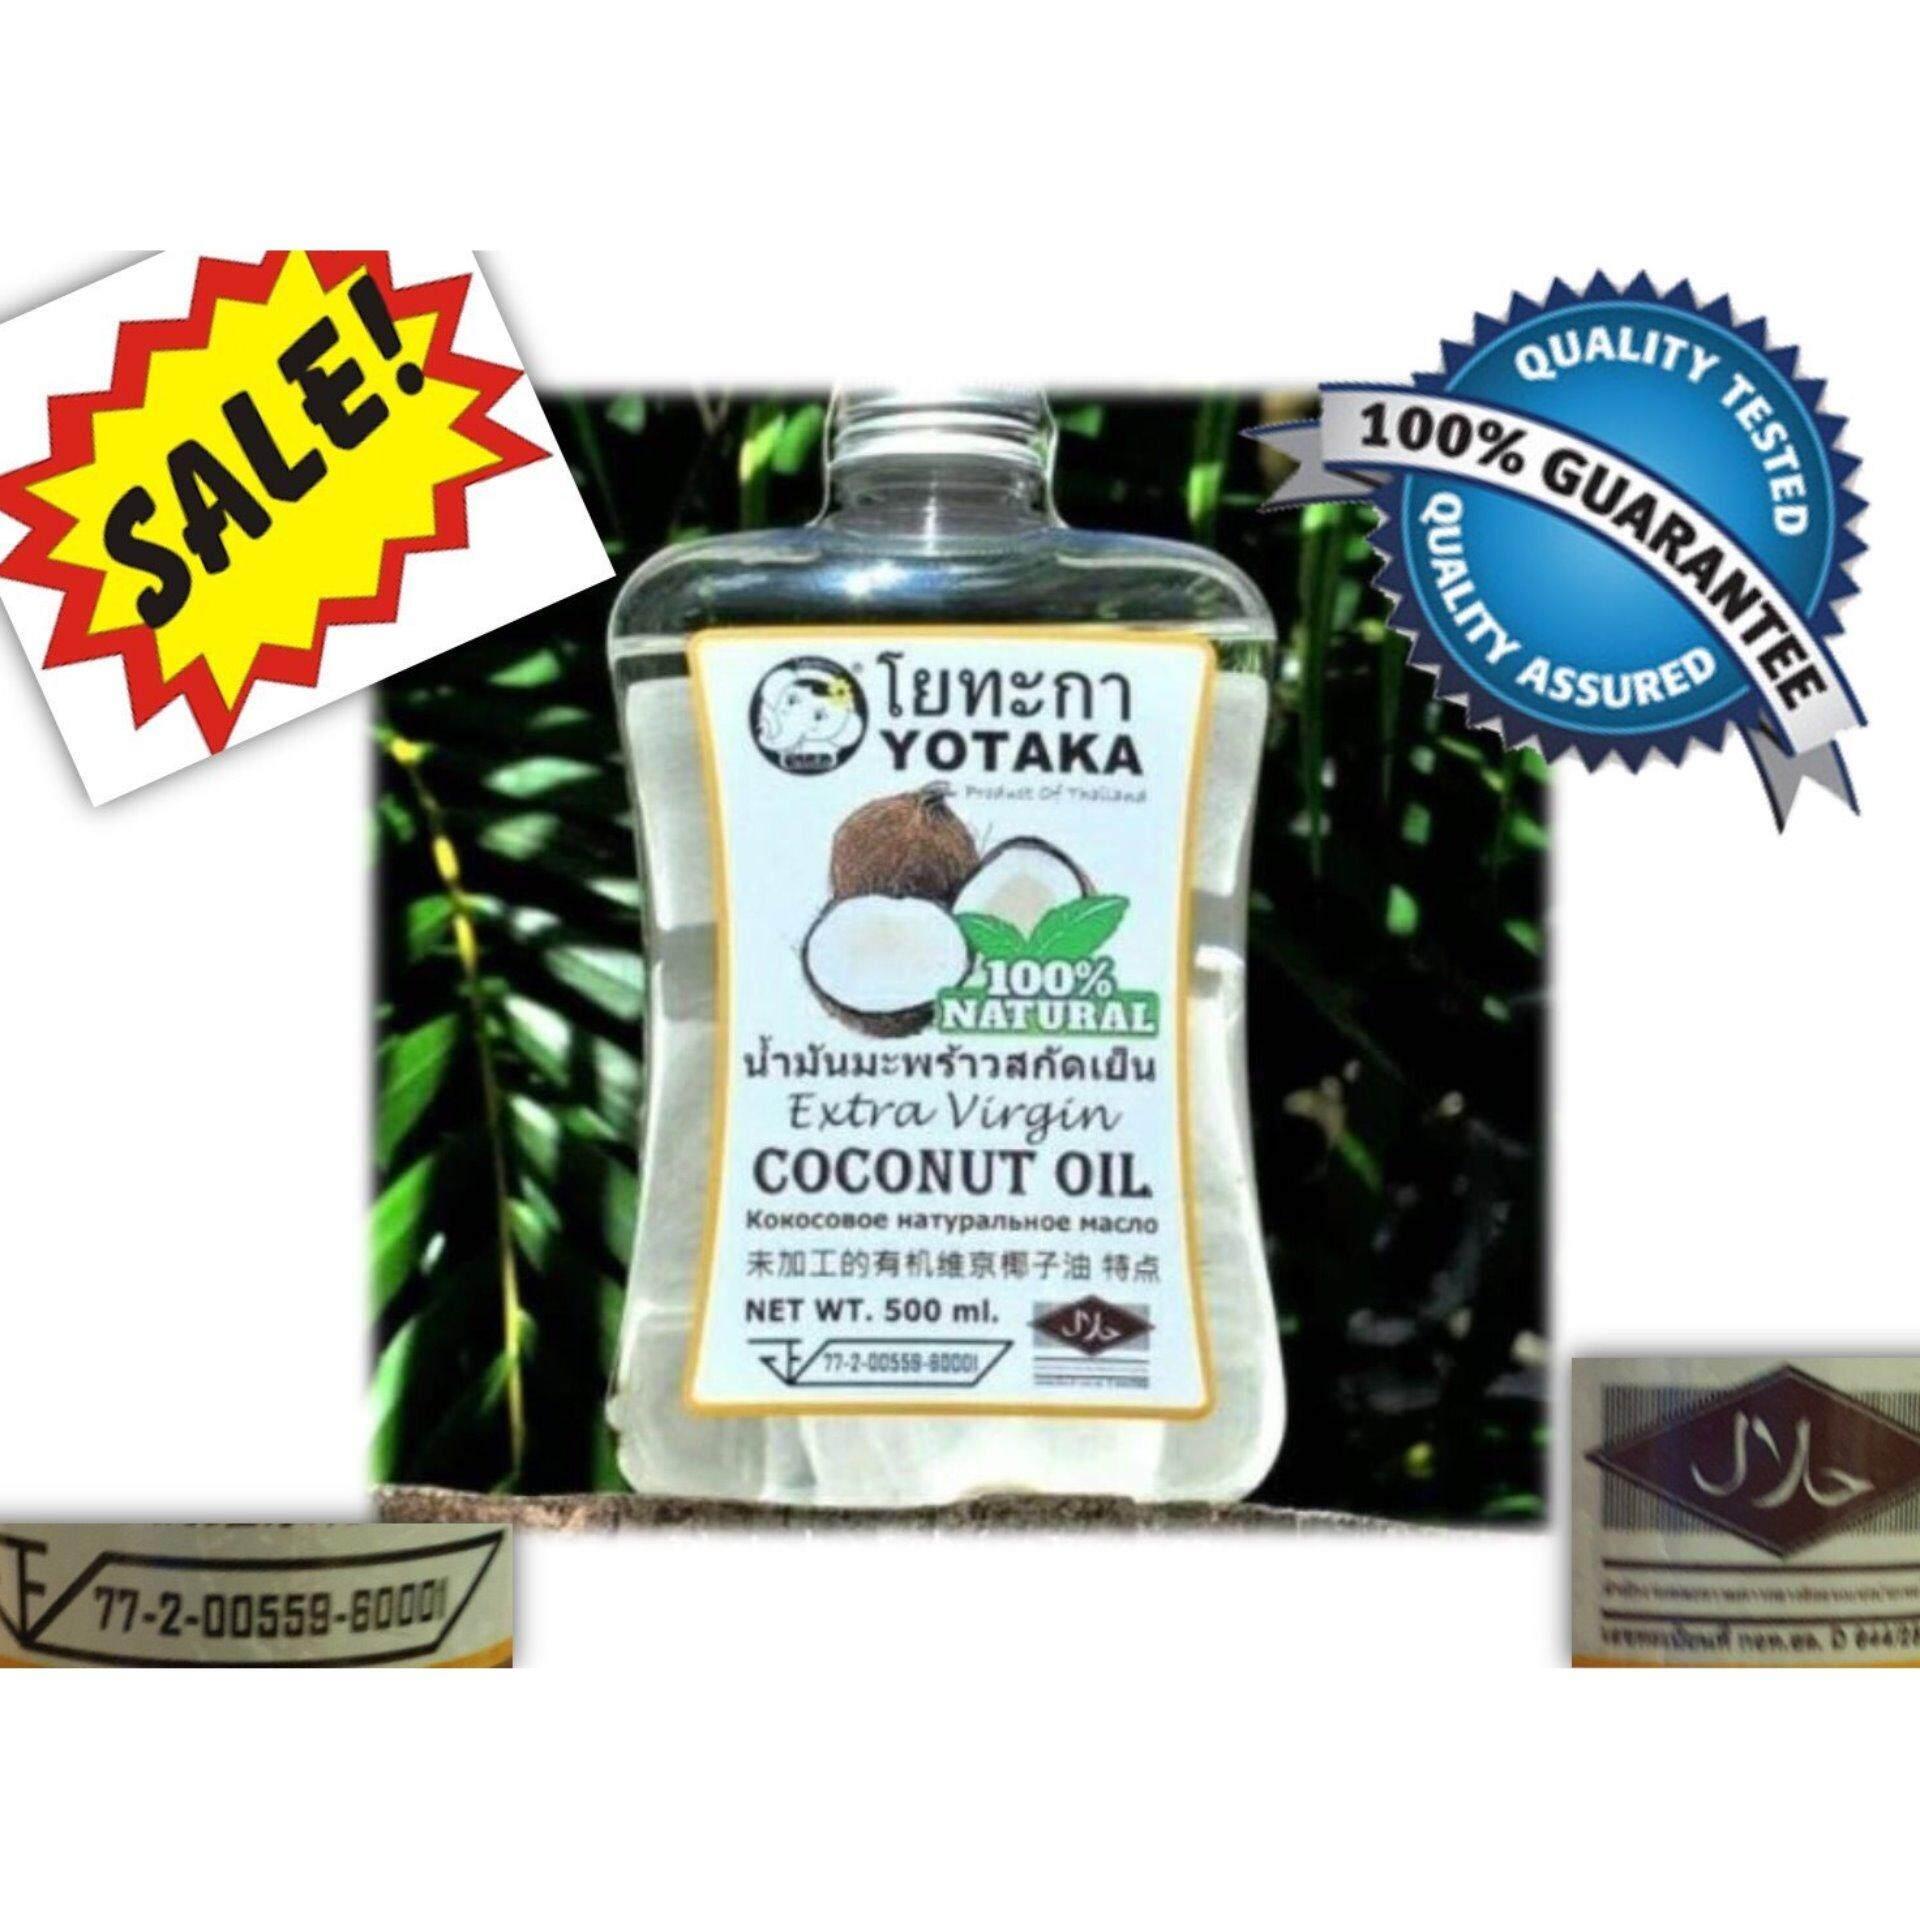 ขาย น้ำมันมะพร้าวสกัดเย็น Extra Virgin Coconut Oil 500 Ml พรีเมี่ยม Yotaka โยทะกา ถูก